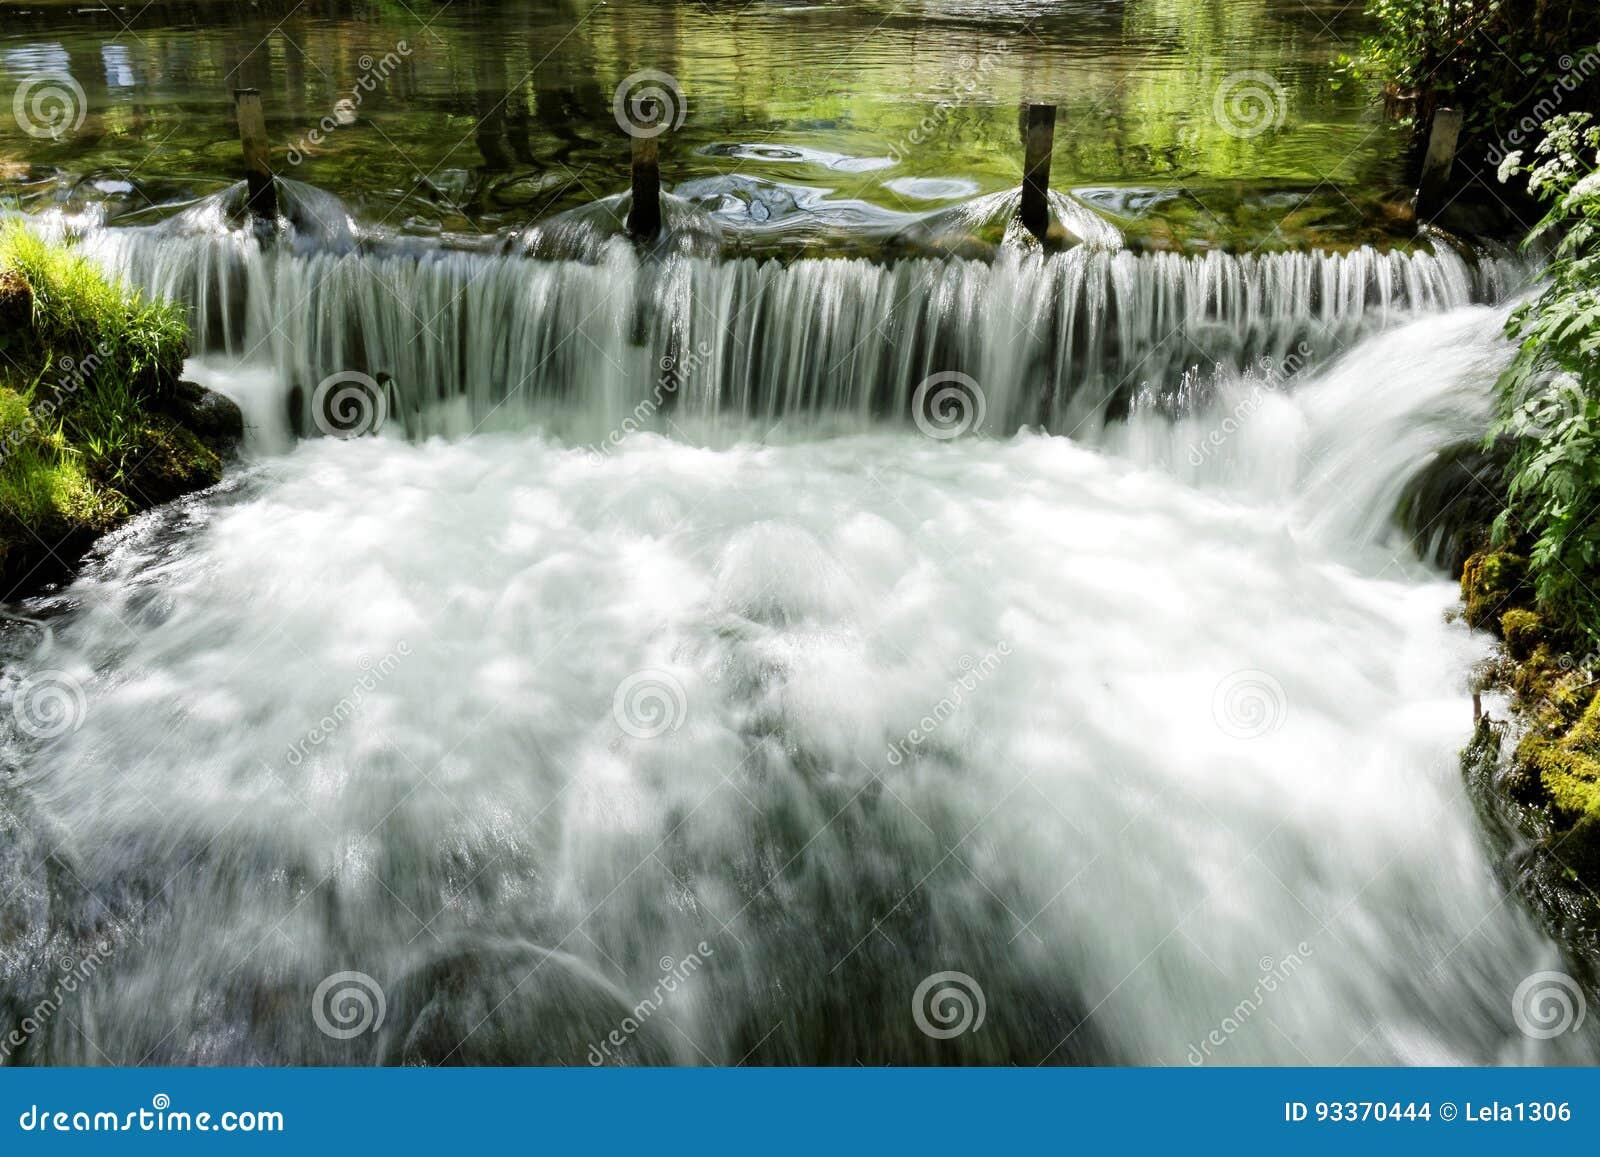 Flod Vrelo, rätt som är skattskyldig av floden Drina